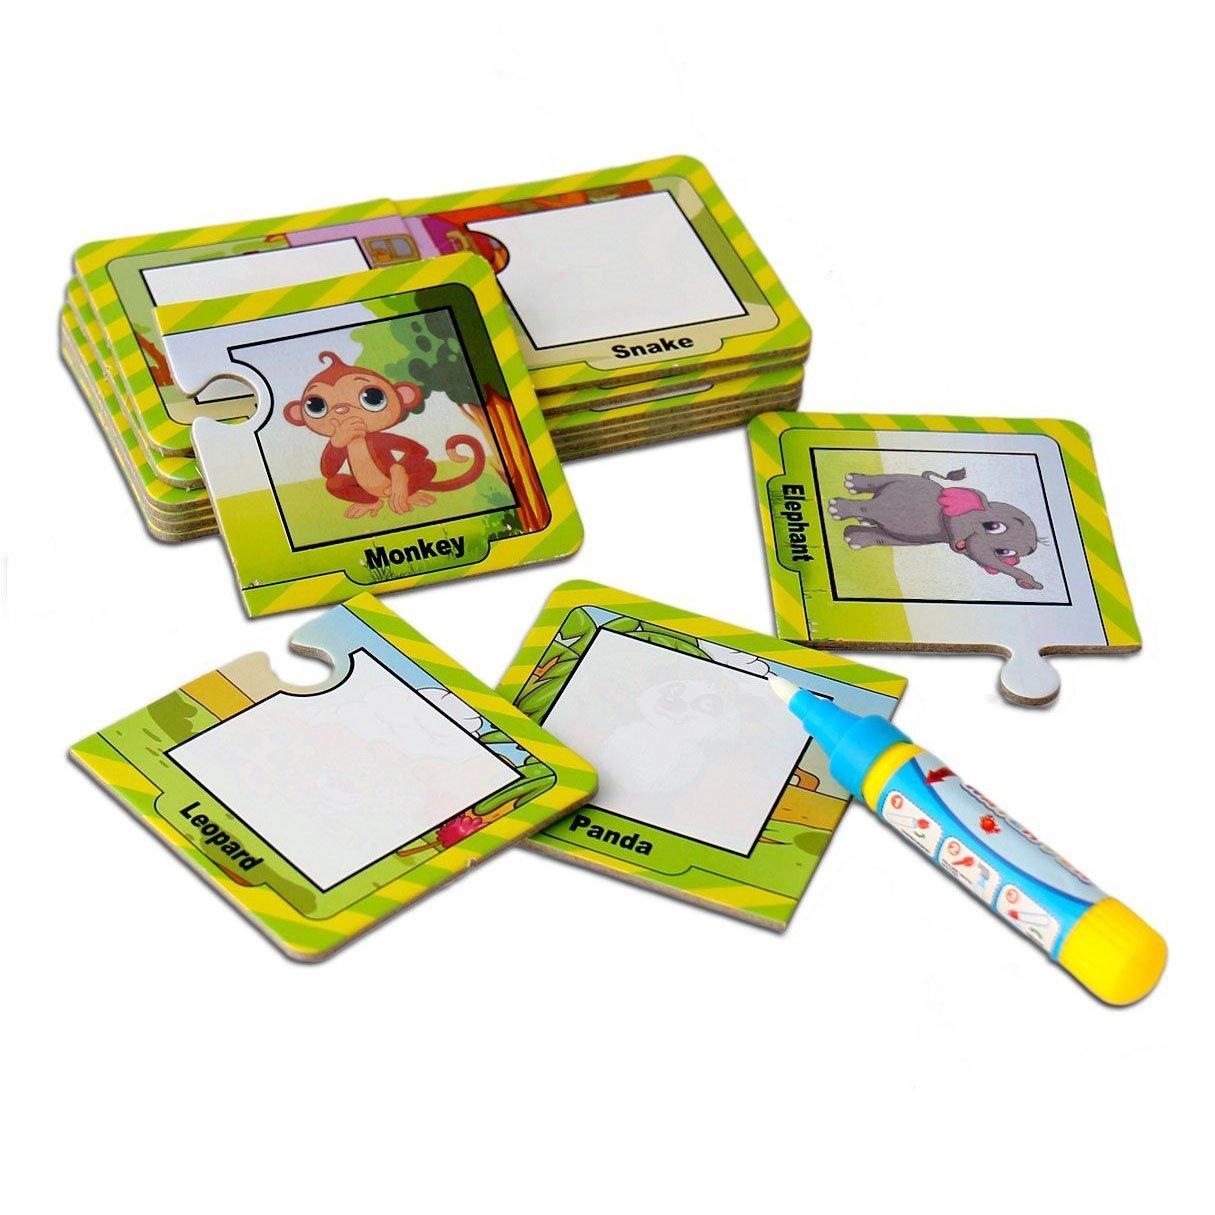 OFKPO 16 Immagini Dipingere Doodle Drawing Supplies Penna di Acqua Magica, Giocattoli di Pittura per Bambini Educational Puzzles (Animali)